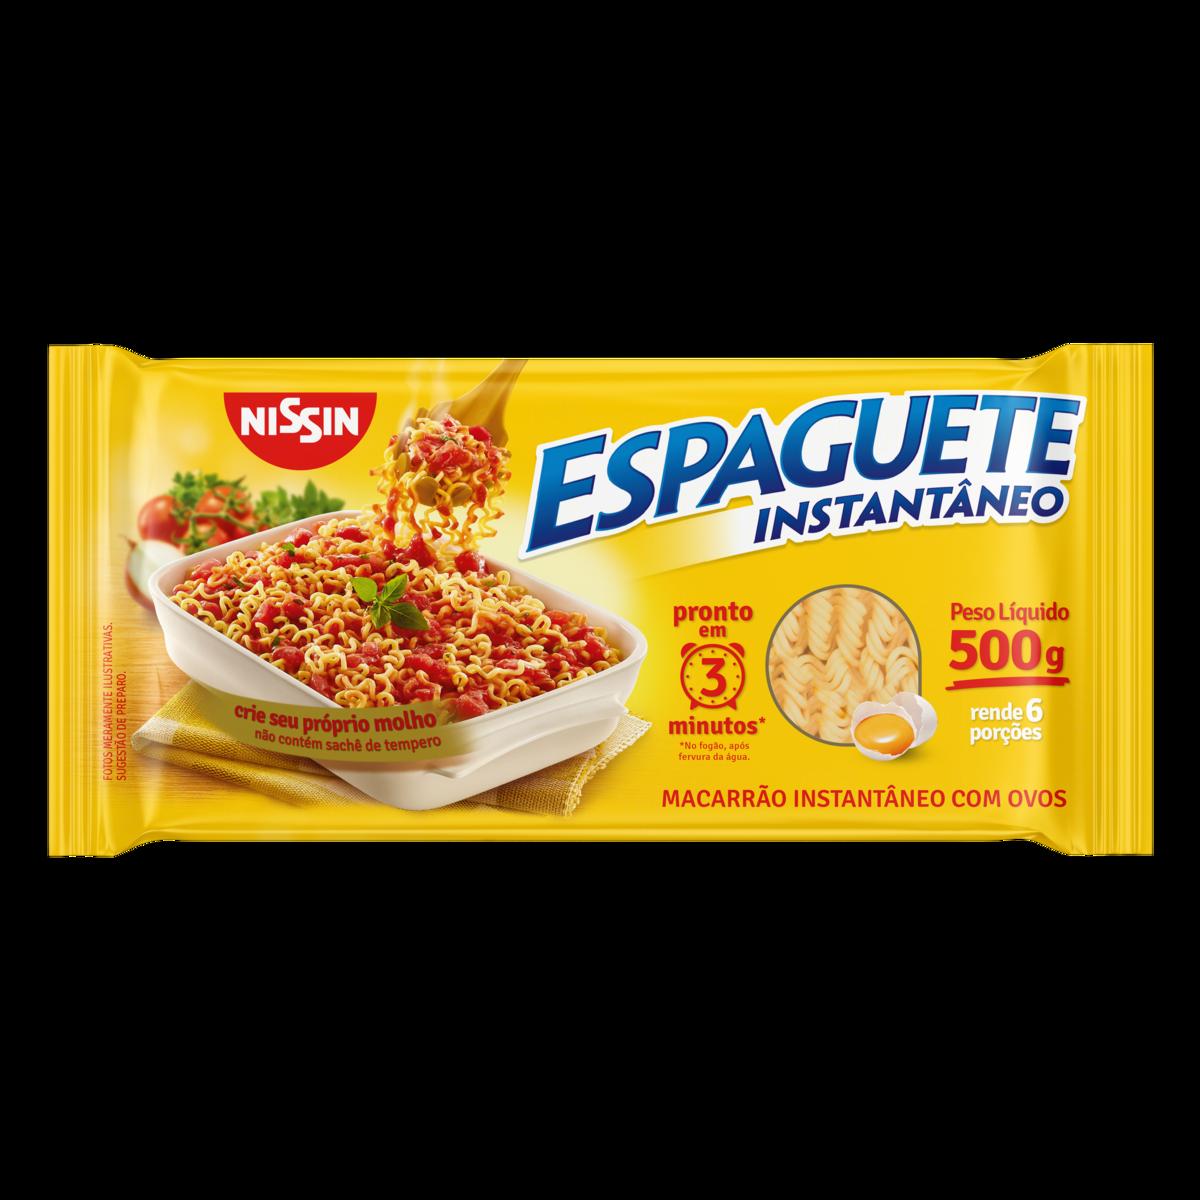 Macarrão Instantâneo Espaguete 3 minutos pacote 500g Nissin UN